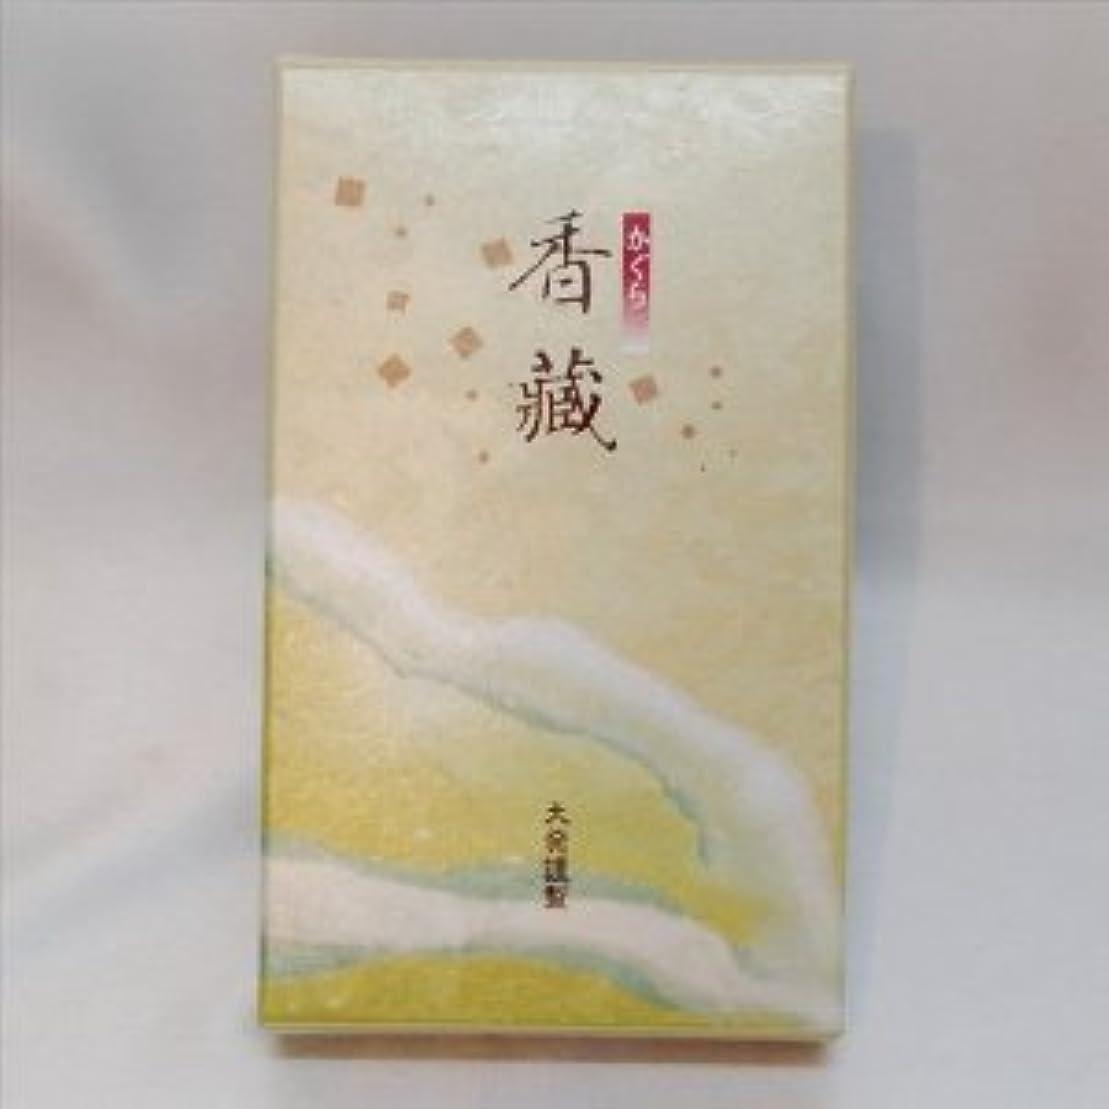 インタネットを見るコントラストモート大発 香蔵 バラ詰 W-1 (1)